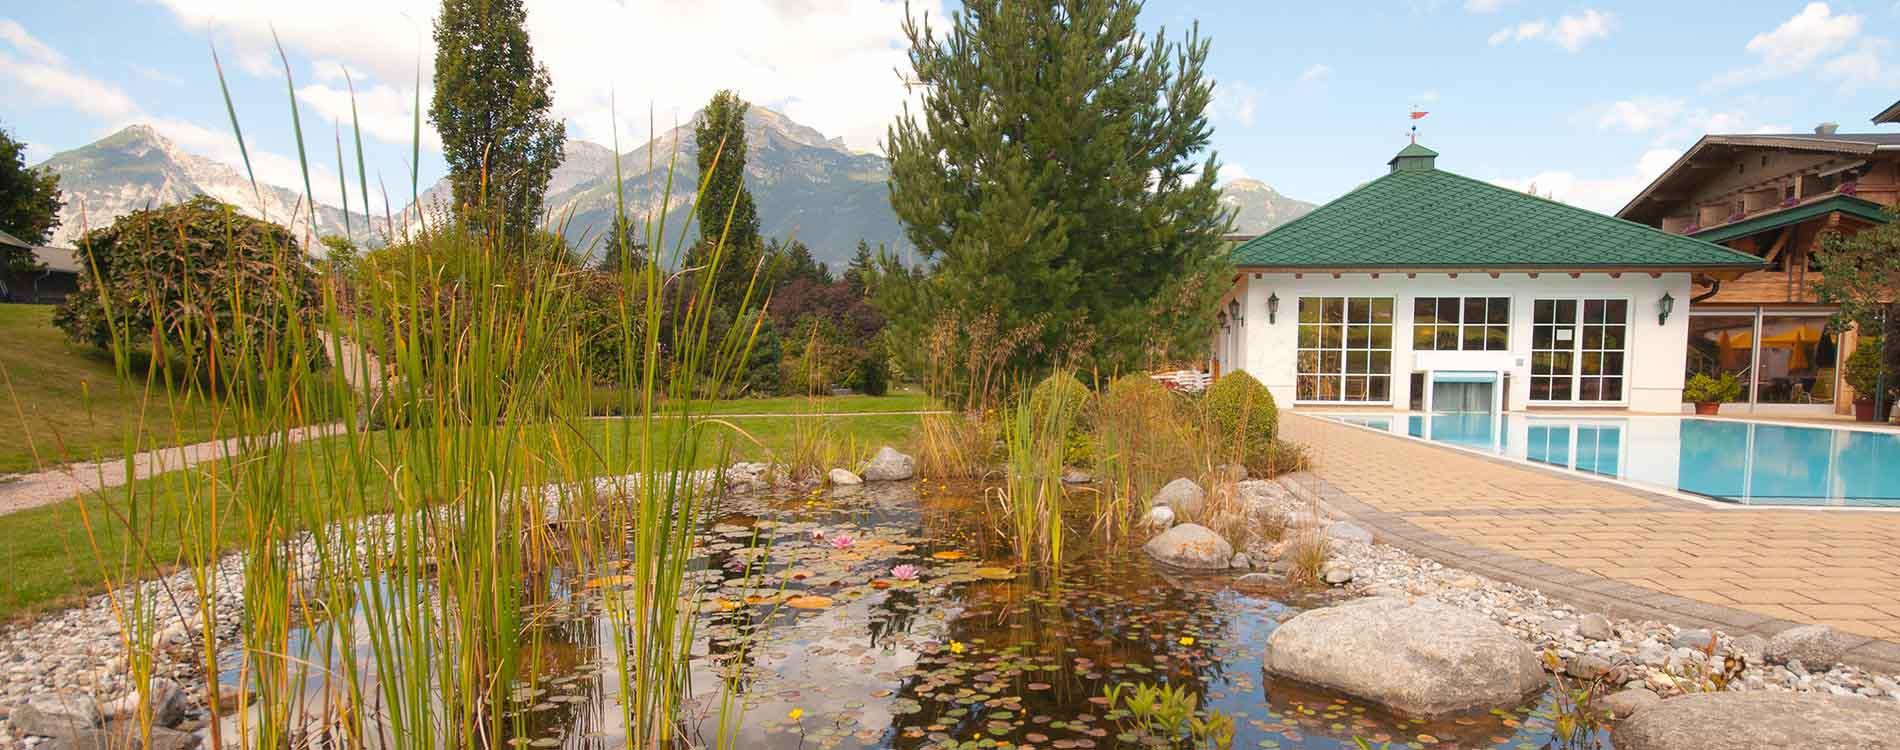 Pirchner Hof Reith Alpbach Valley Tyrol Holistic Hildegard von Bingen Naturopathy Hildegard taster days